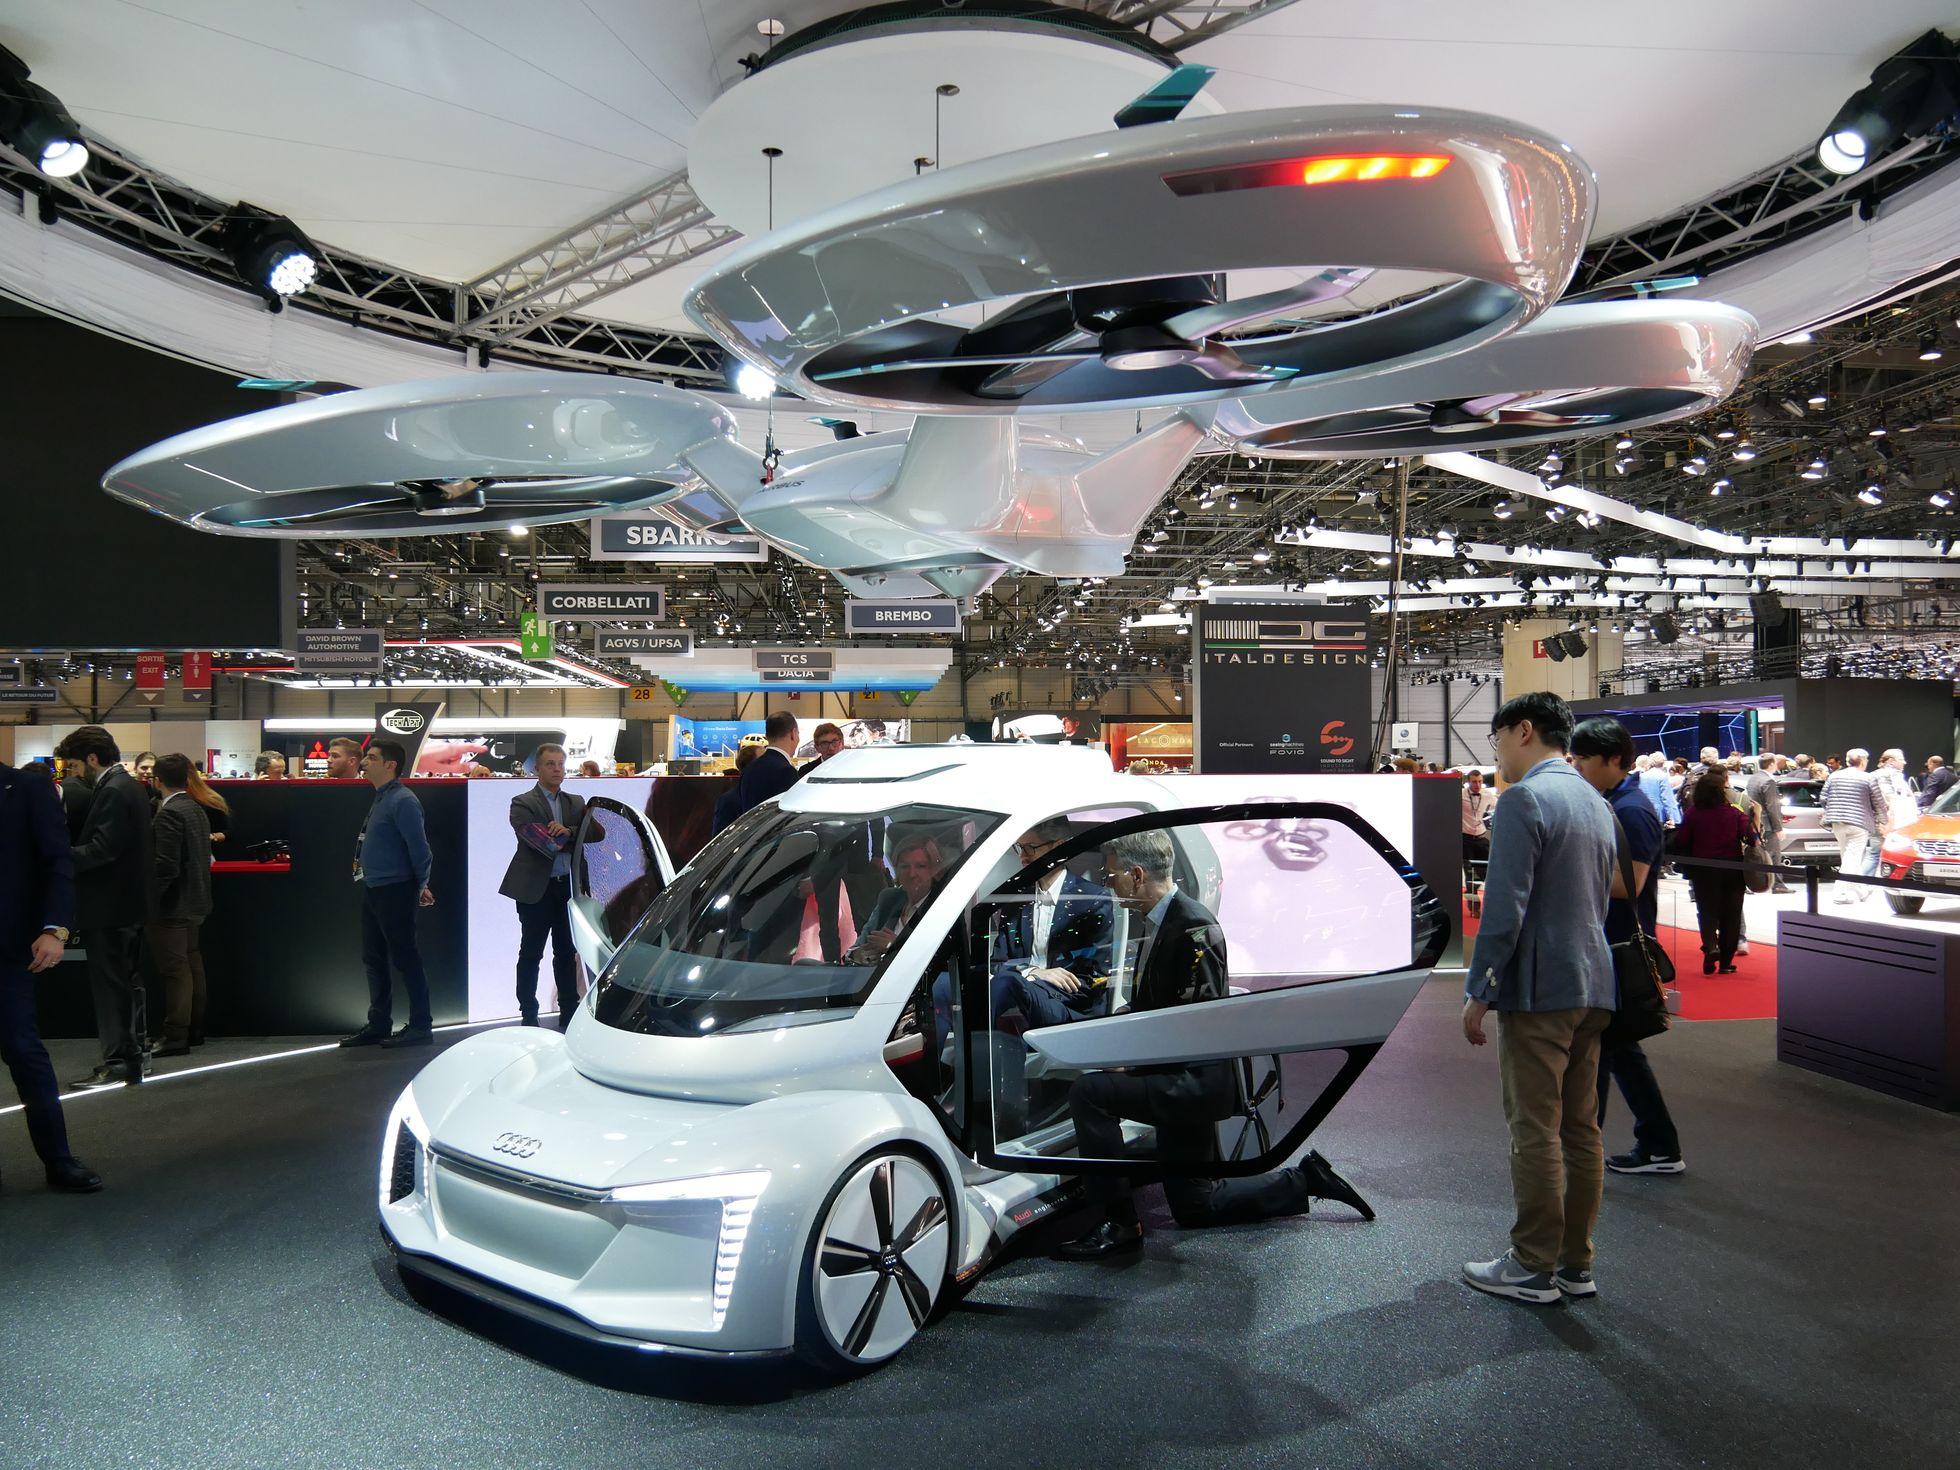 PAL-V: Abheben mit dem Flugauto - Ein Auto mit einem Rotoraufsatz - das Konzept stammt von Audi und Airbus. (Foto: Dirk Kunde)